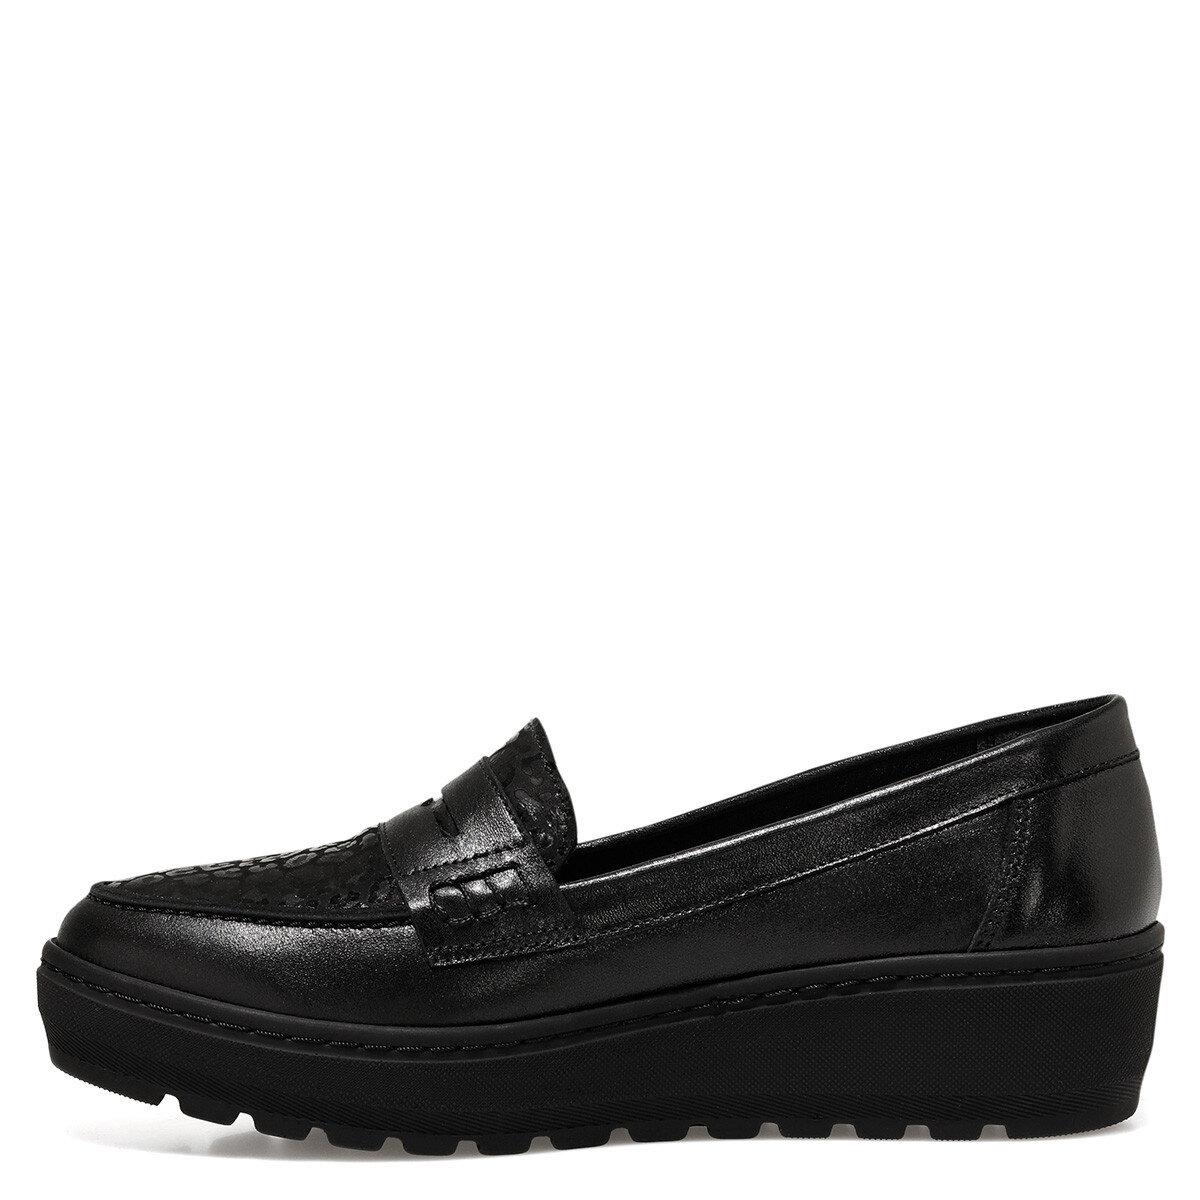 MORLEE Siyah Kadın Loafer Ayakkabı